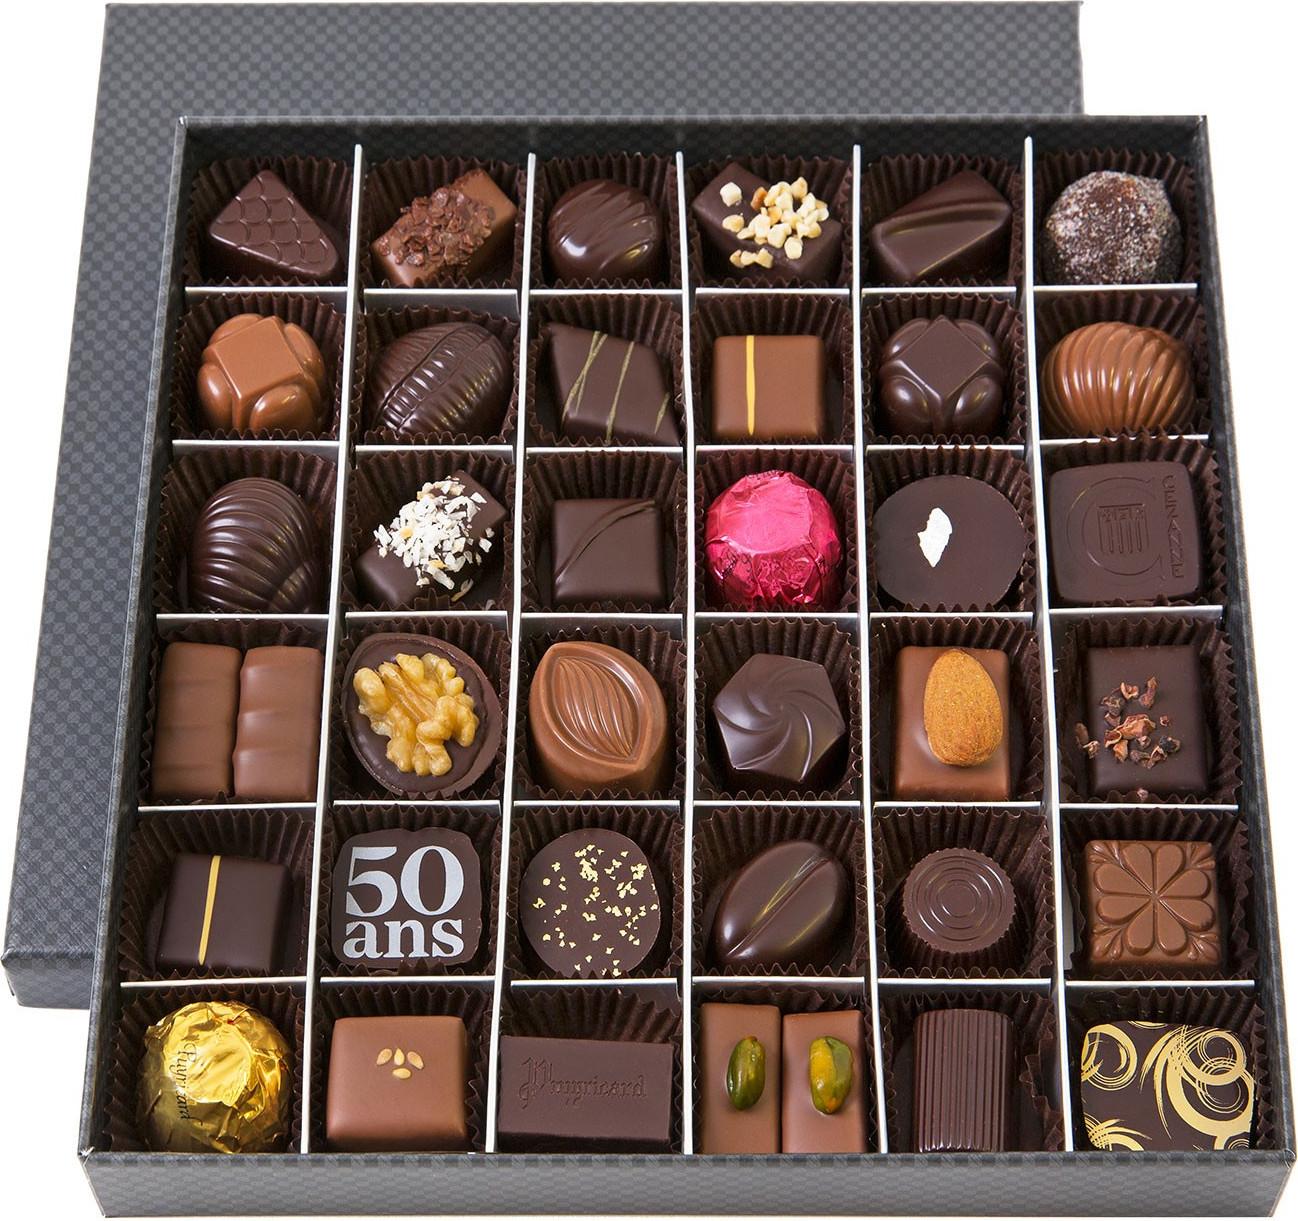 SLIMLINE BOX OF DARK AND MILK CHOCOLATE AMANDAS AND AVELINAS 150 G